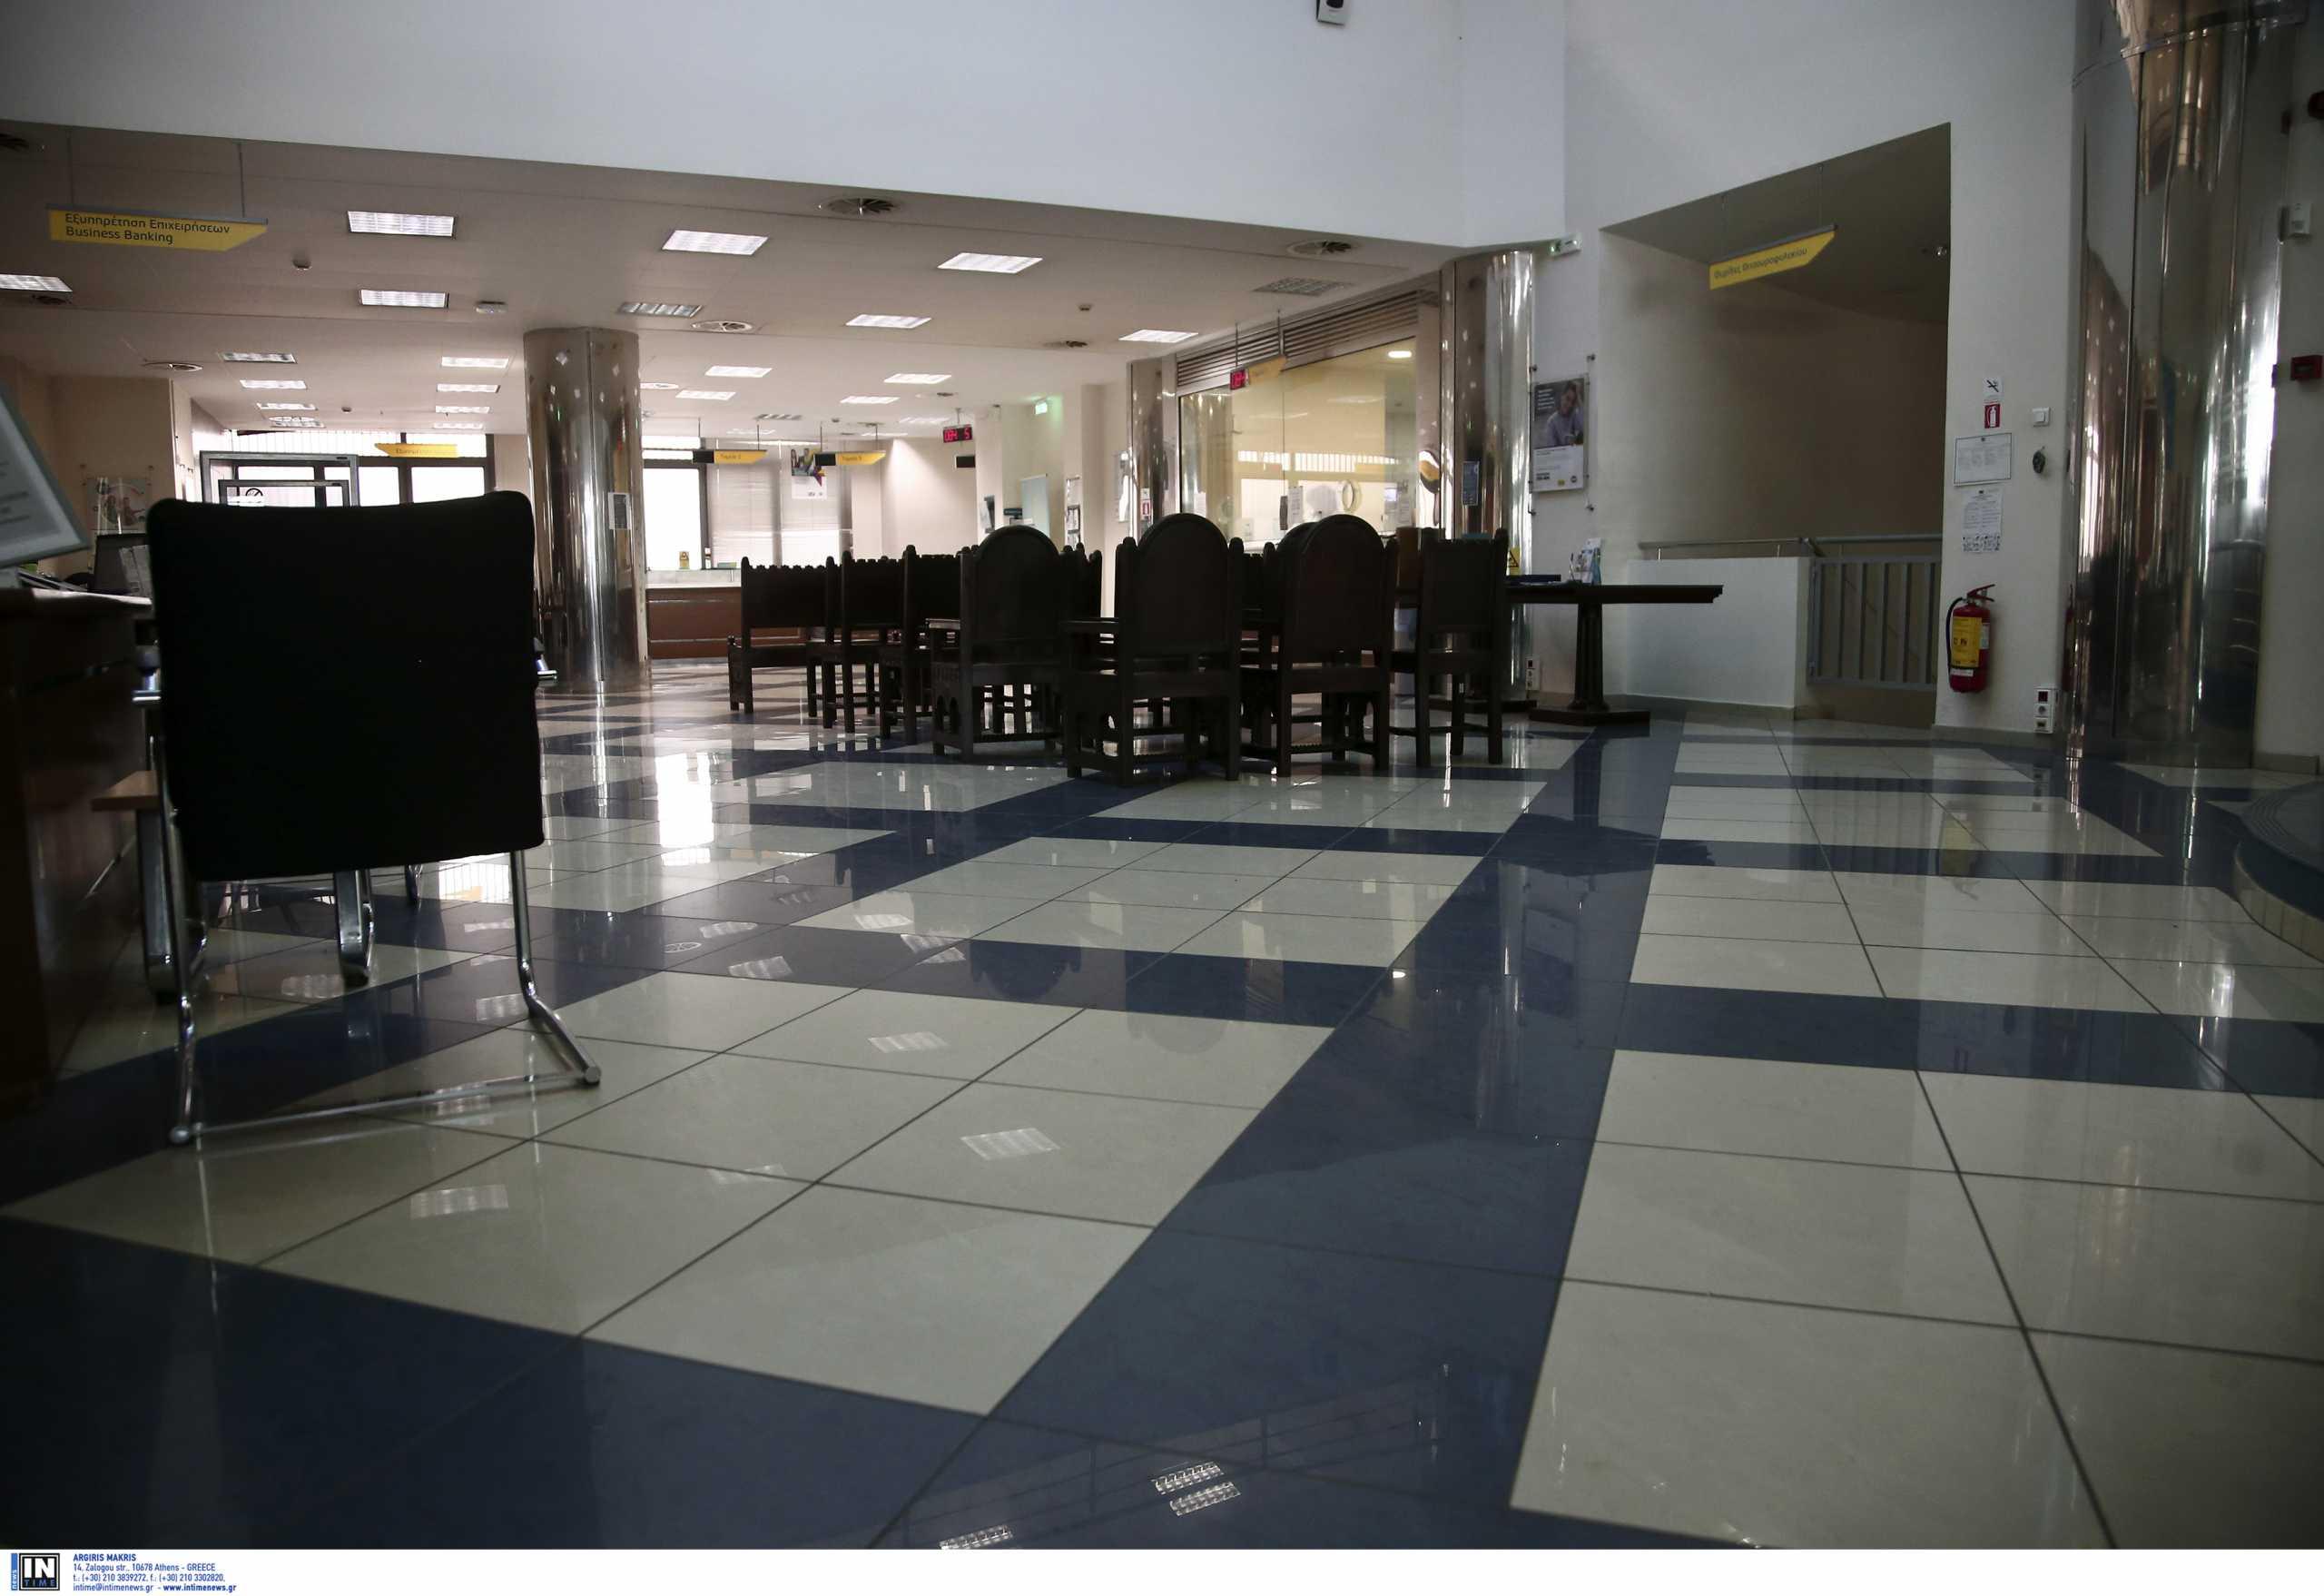 ΟΤΟΕ: Στάση εργασίας για τους υπαλλήλους στις τράπεζες την Τετάρτη (16/06)